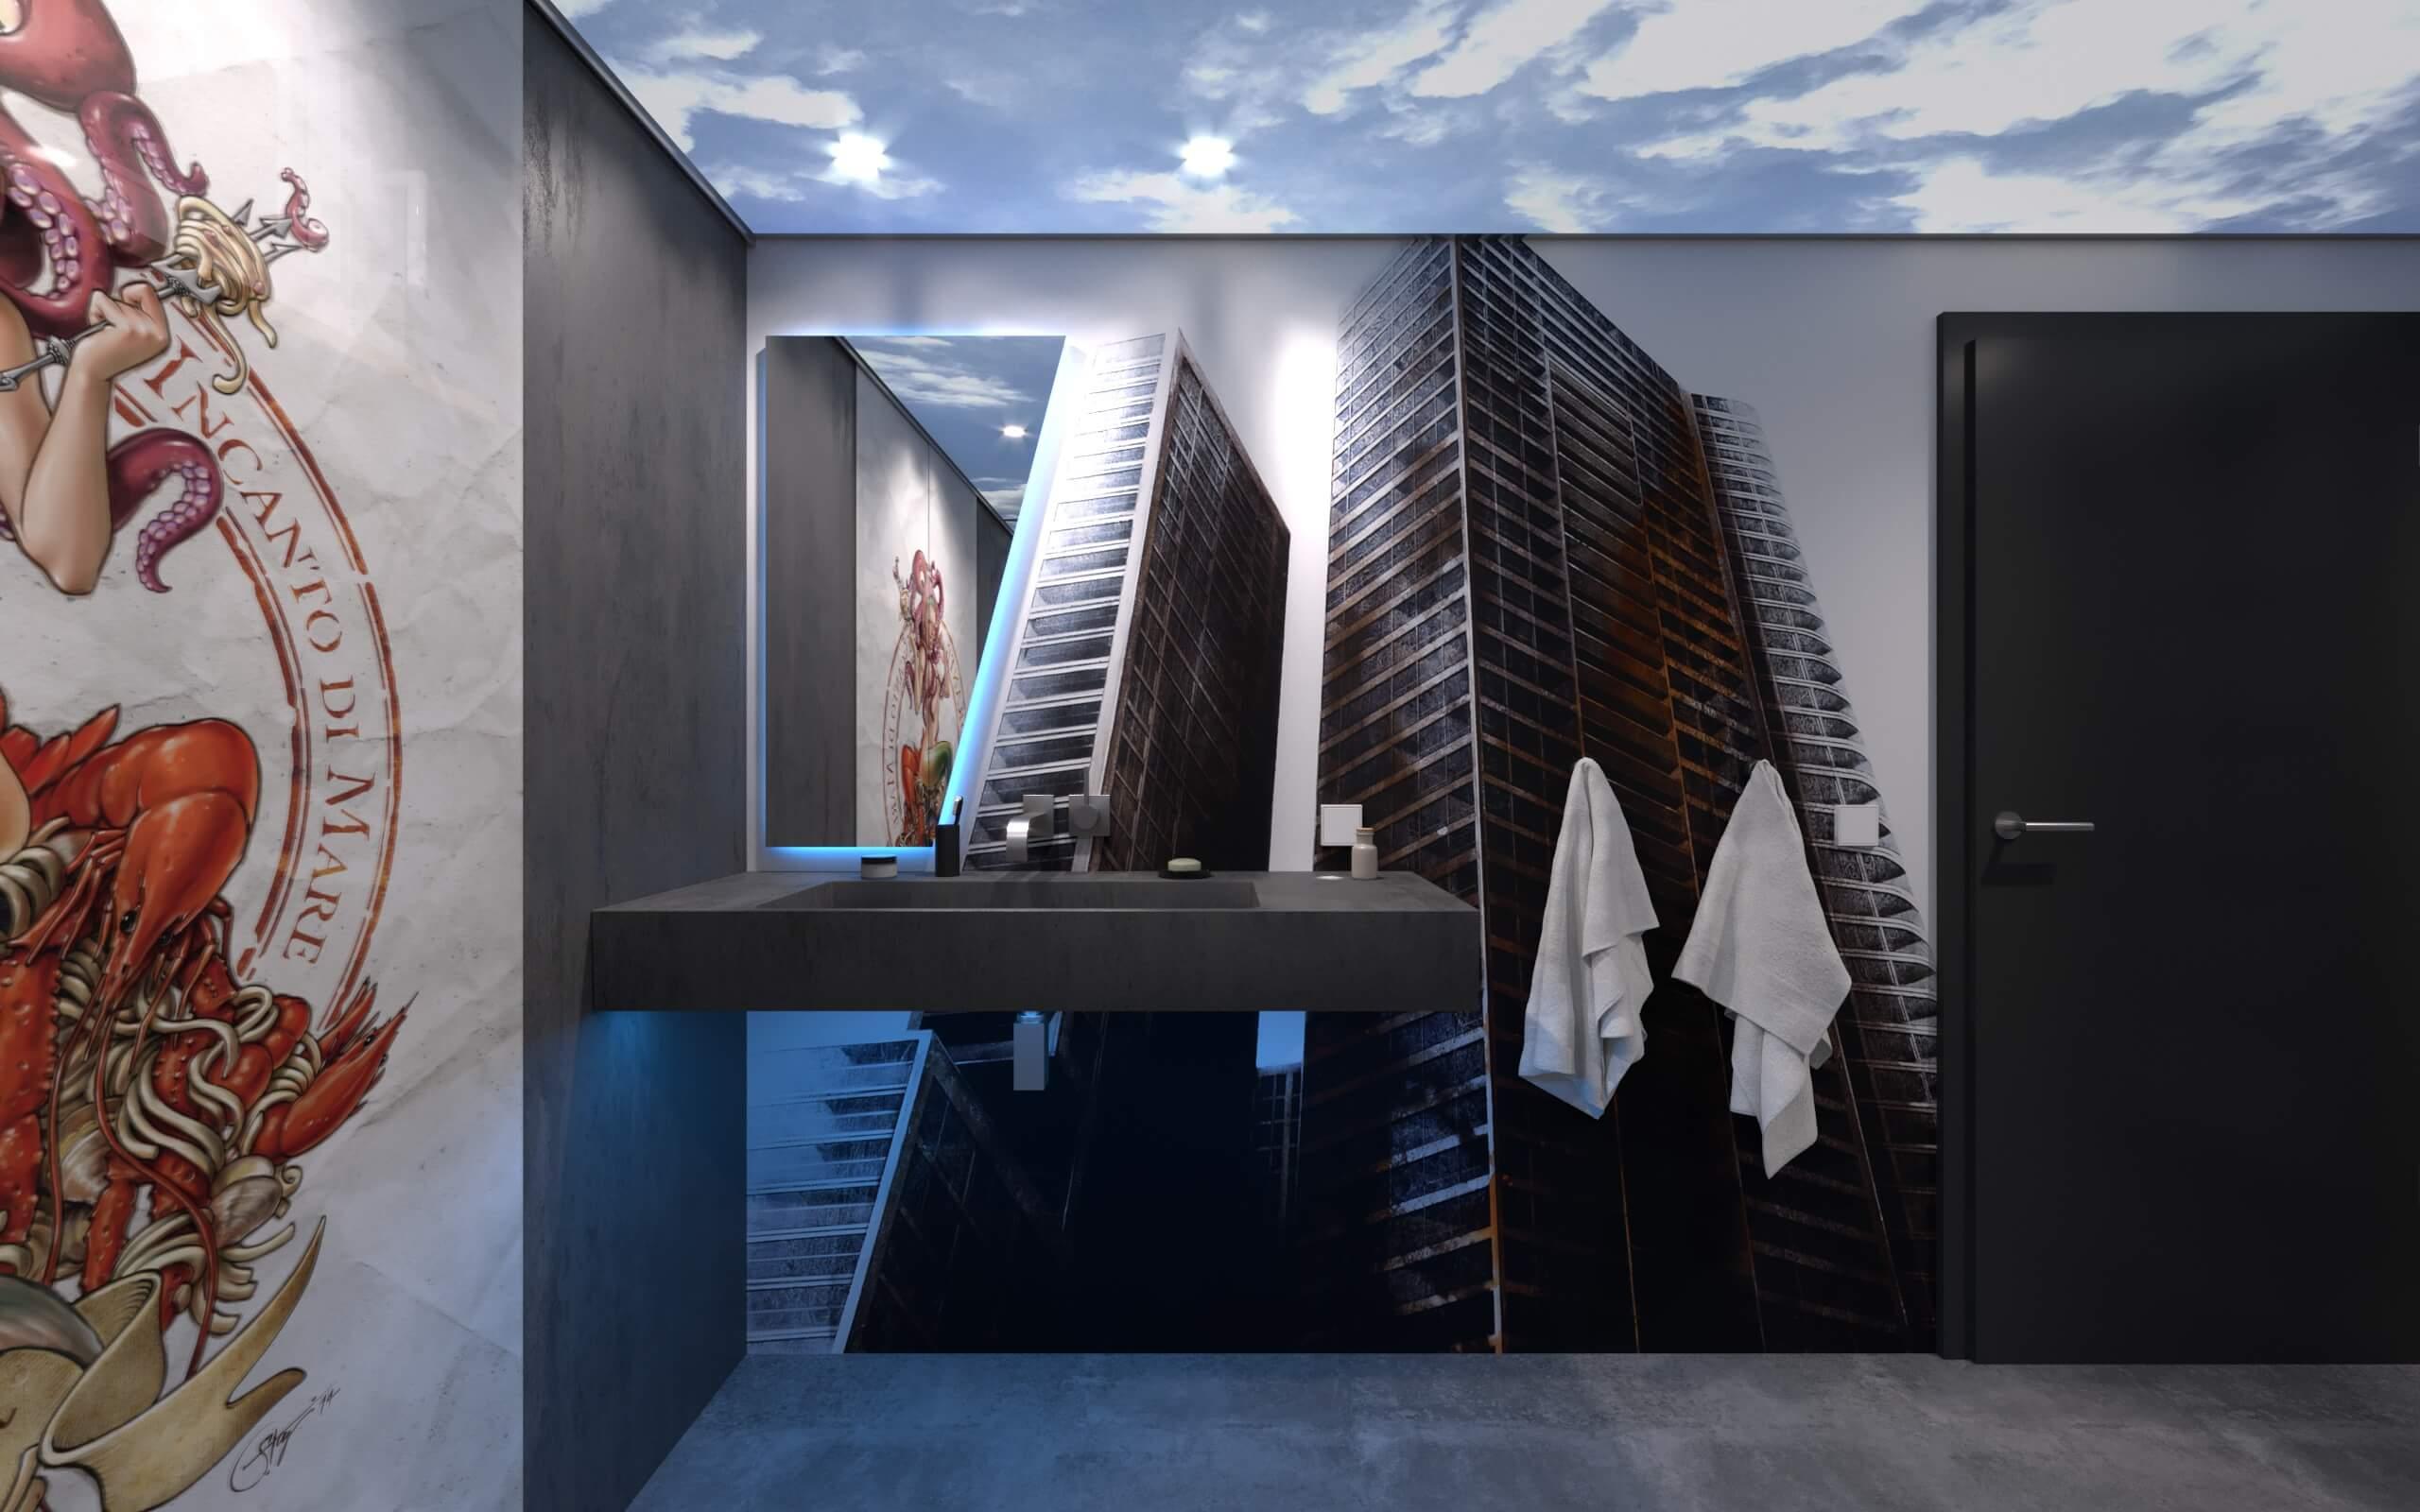 Badezimmer Tapeten: 5 Gründe für wasserfeste Tapeten im Home Spa